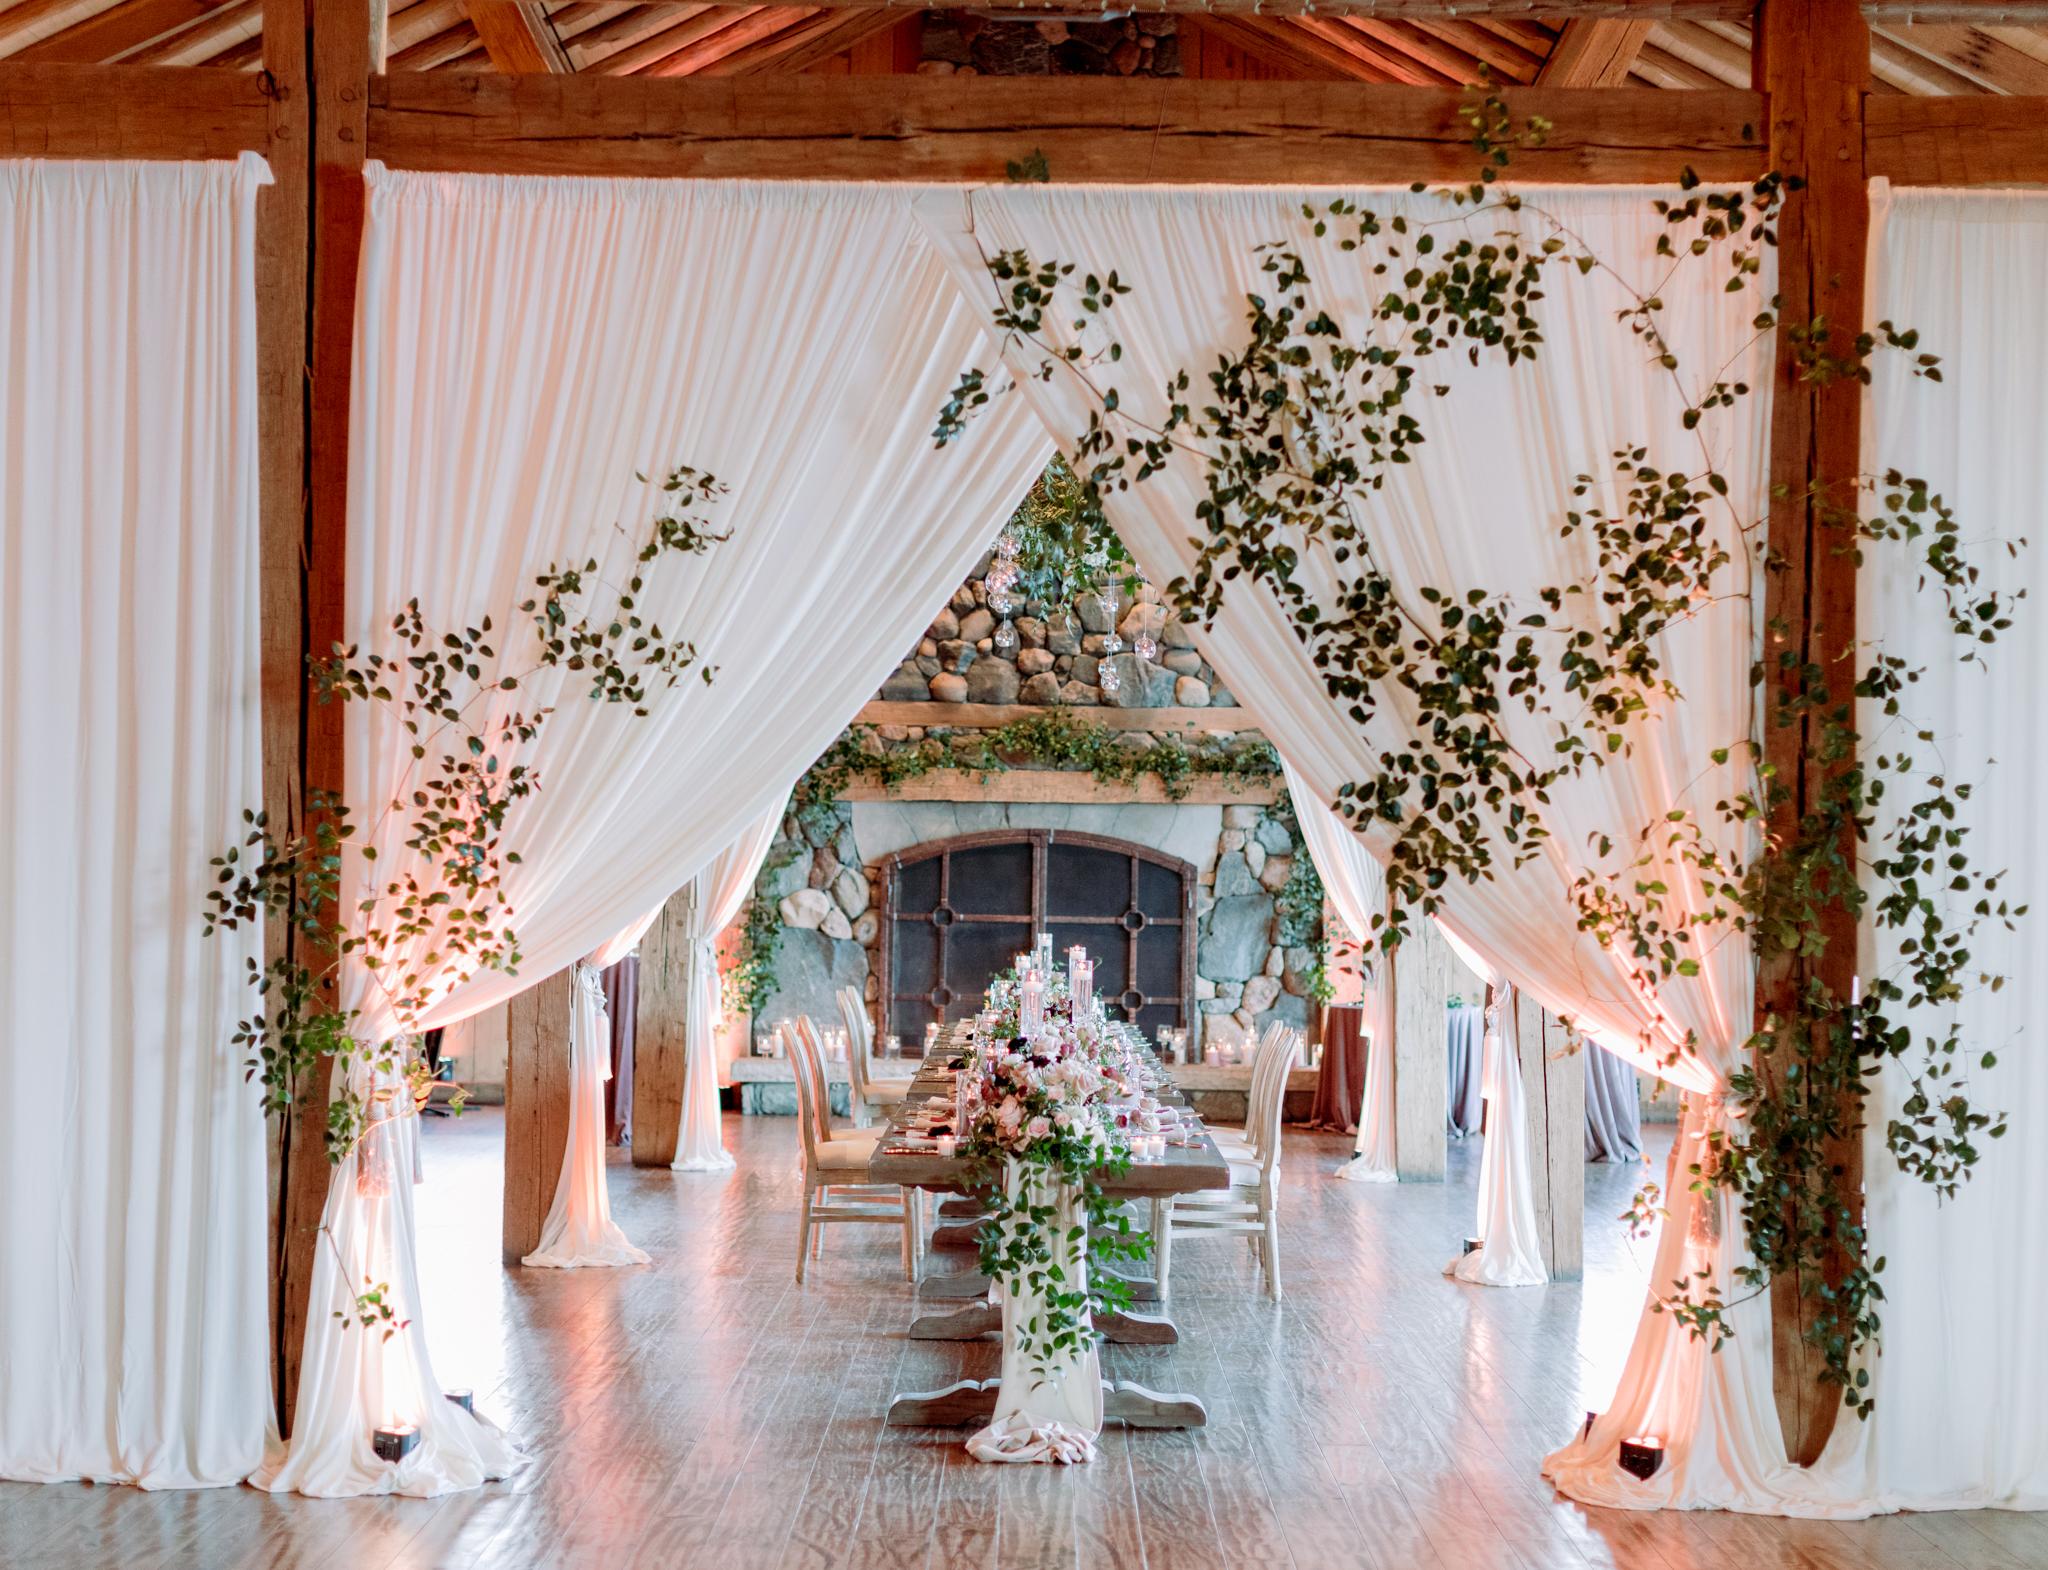 Devils-Thumb-Ranch-Tabernash-Colorado-Winter-Broad-Axe-Barn-Wedding-Reception